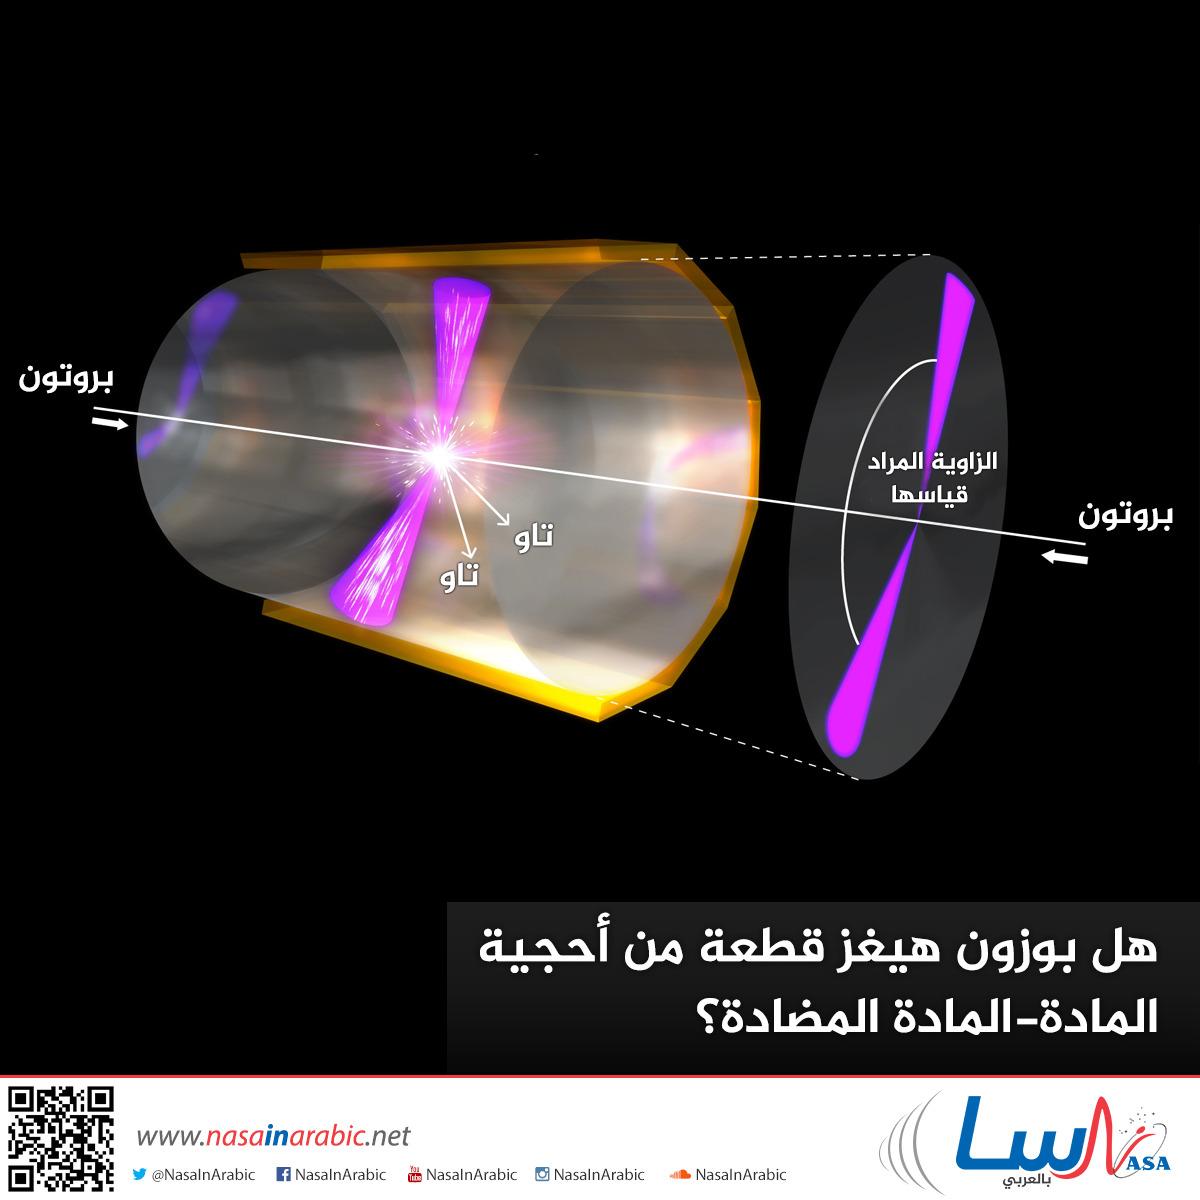 هل بوزون هيغز قطعة من أحجية المادة-المادة المضادة؟